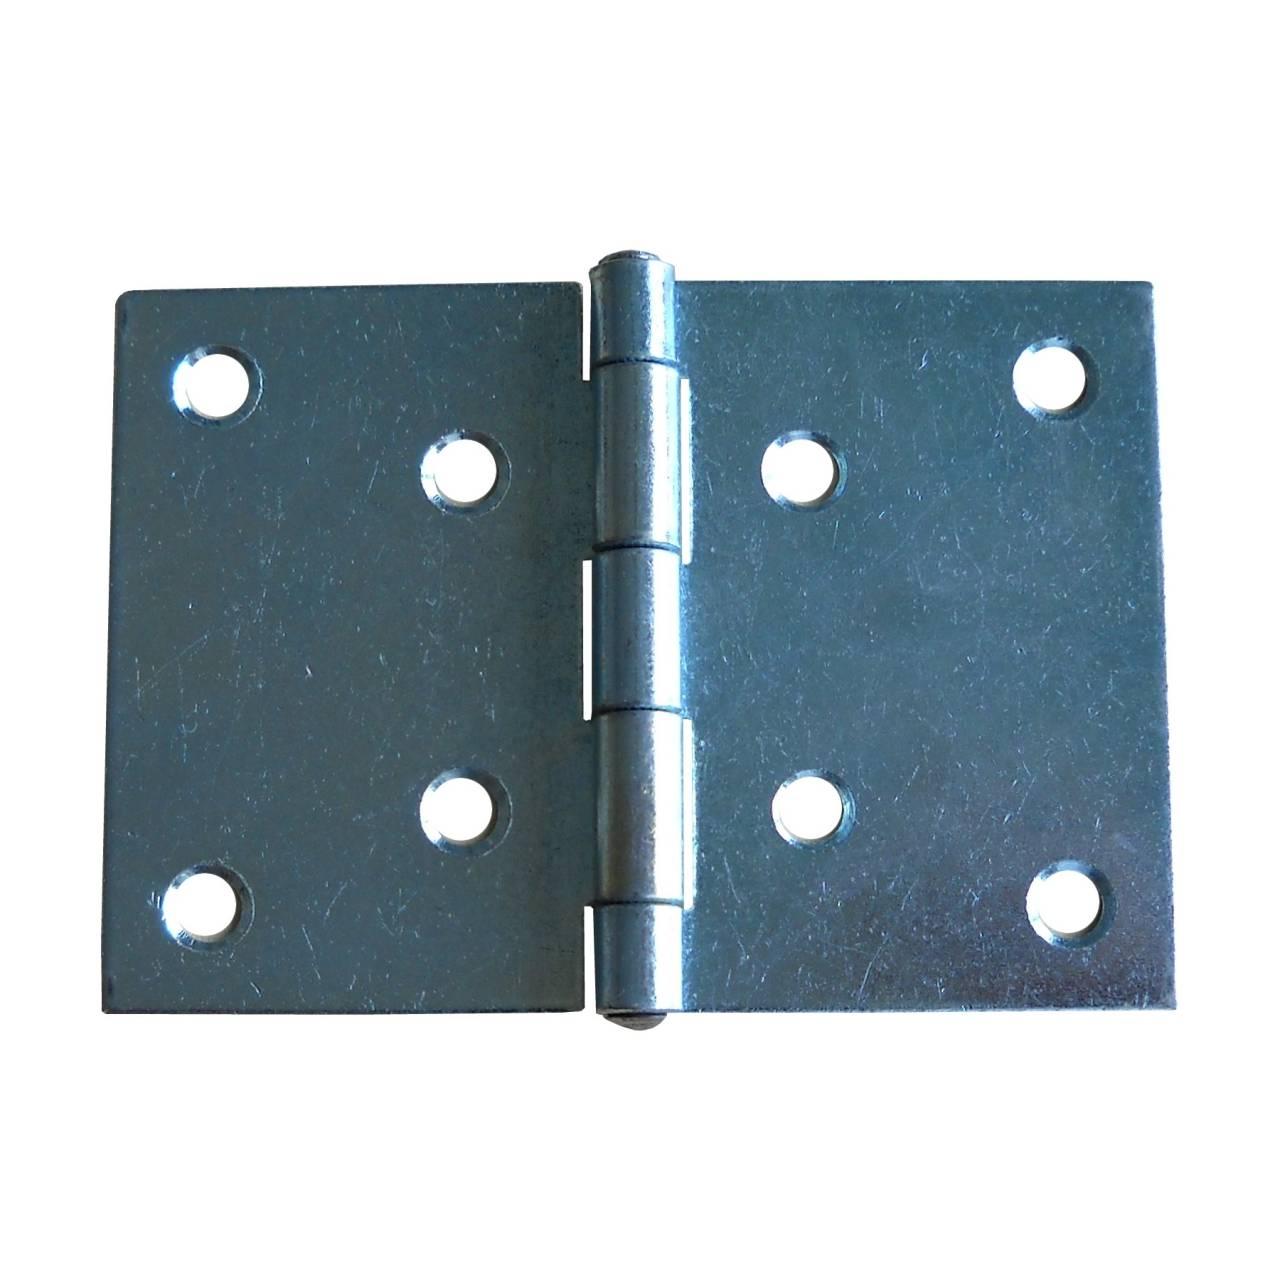 Scharnier vz 30 x 45 x 1,0 mm / Pck a 2 Stück